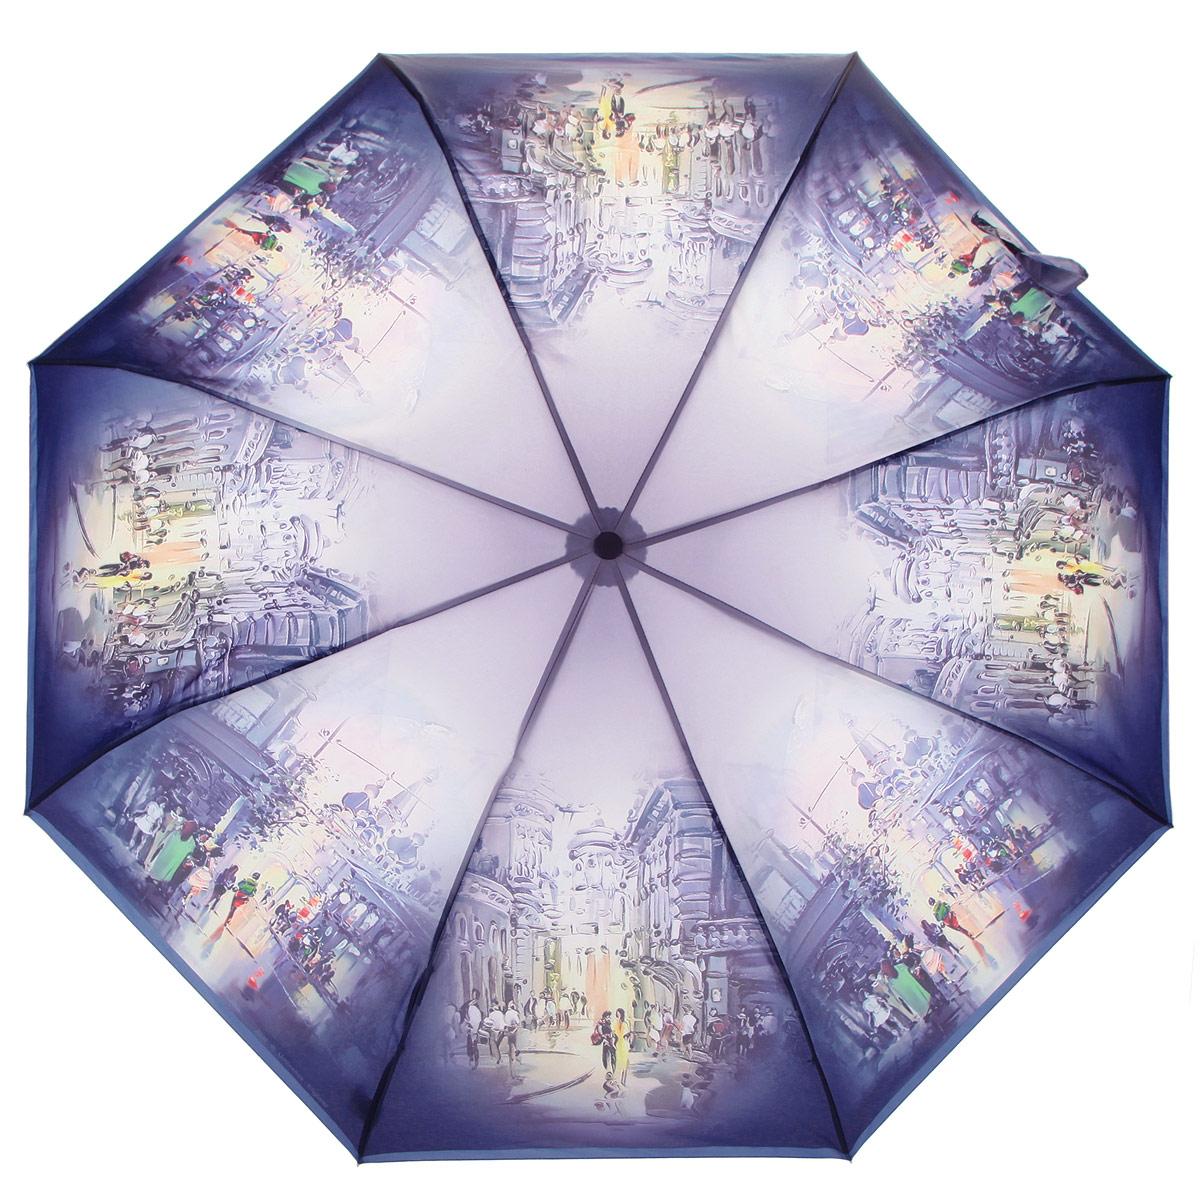 Зонт женский Zest, цвет: фиолетовый, мультицвет. 239555-25239555-25Стильный женский зонт ZEST выполнен из металла, пластика и оформлен ярким принтом. Каркас зонта выполнен из восьми спиц, стержень из стали. На концах спиц предусмотрены металлические элементы, которые защитят владельца от травм. Купол зонта изготовлен прочного полиэстера. Закрытый купол застегивается на липучку хлястиком. Практичная рукоятка закругленной формы разработана с учетом требований эргономики и выполнена из пластика. Зонт оснащен полуавтоматическим механизмом и чехлом. Такой зонт не только надежно защитит от дождя, но и станет стильным аксессуаром.